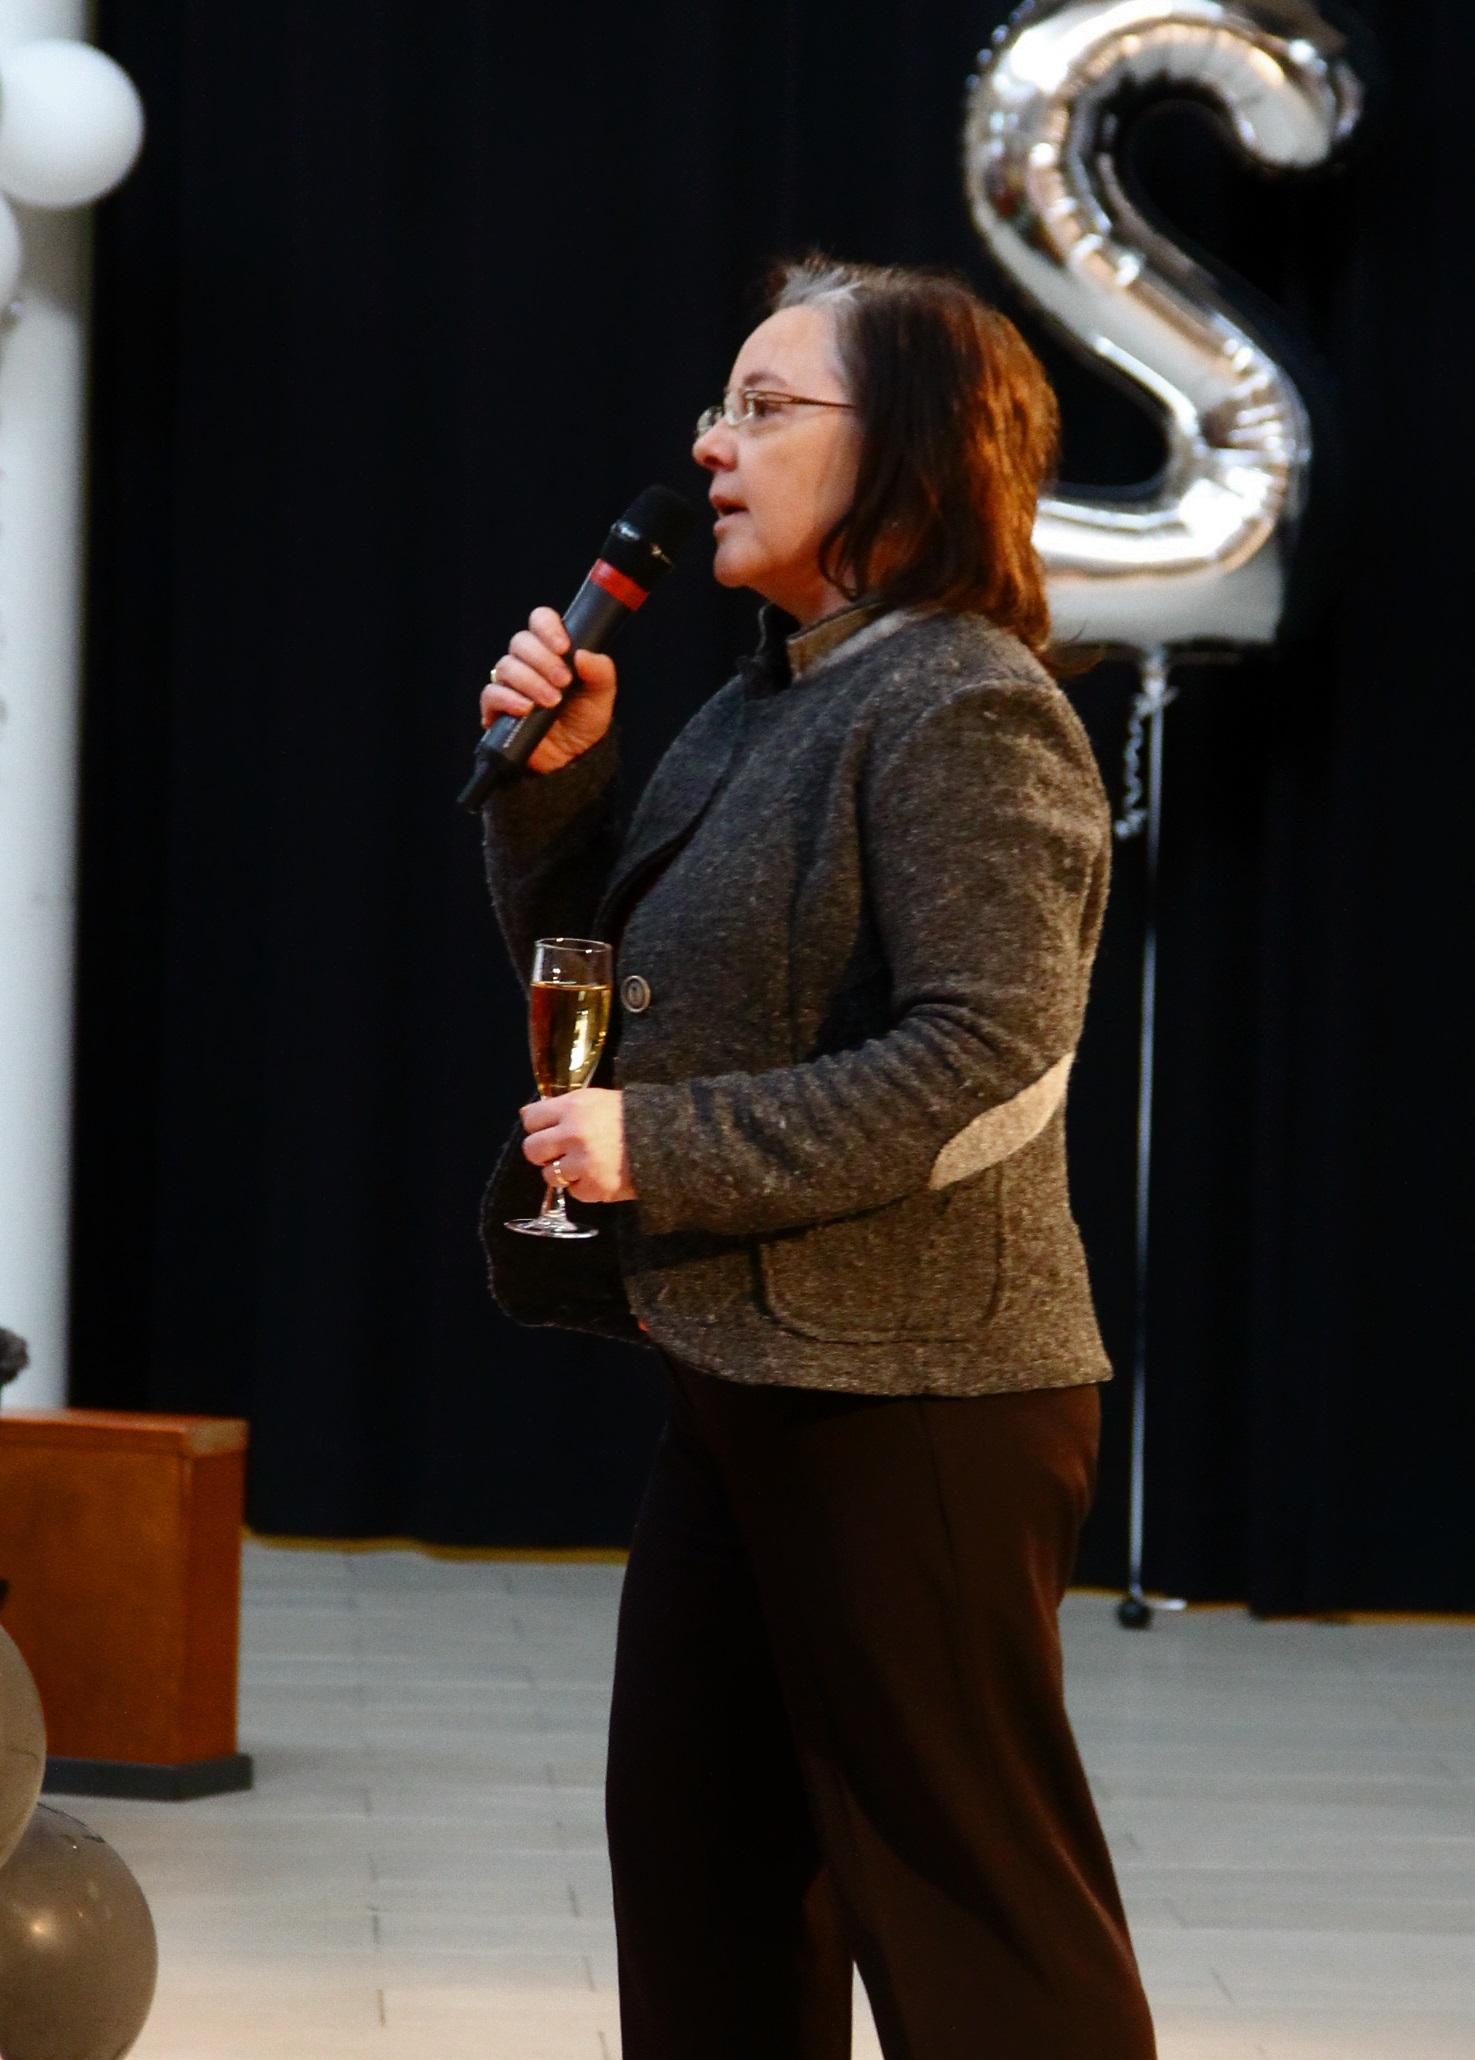 Rehtori Marja-Liisa Lehtiniemi vuoden takaisissa penkkarikemuissa.